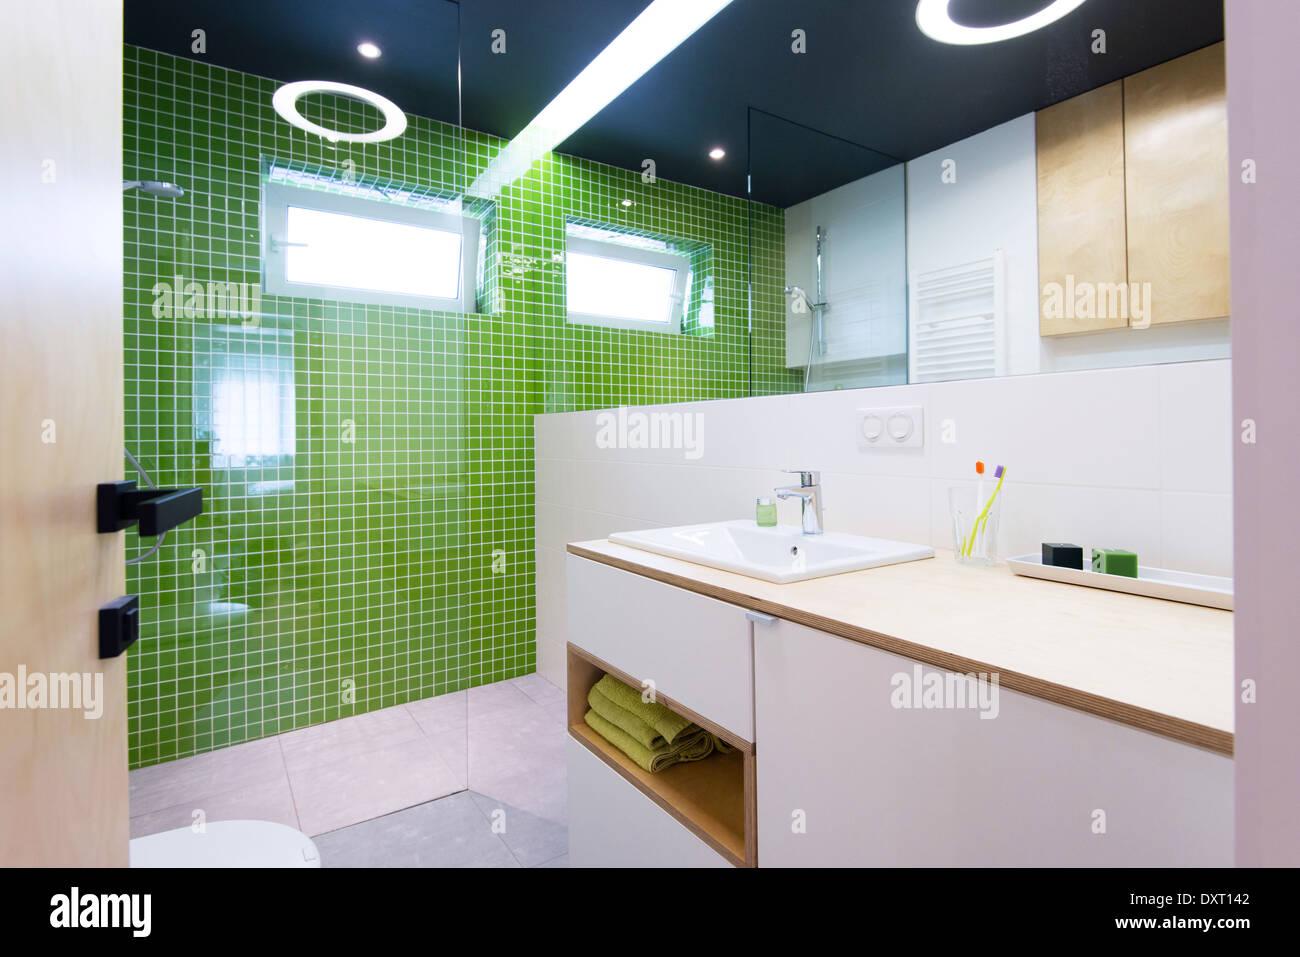 Innere des modernen Badezimmer mit grünen Fliesen Stockfoto, Bild ...